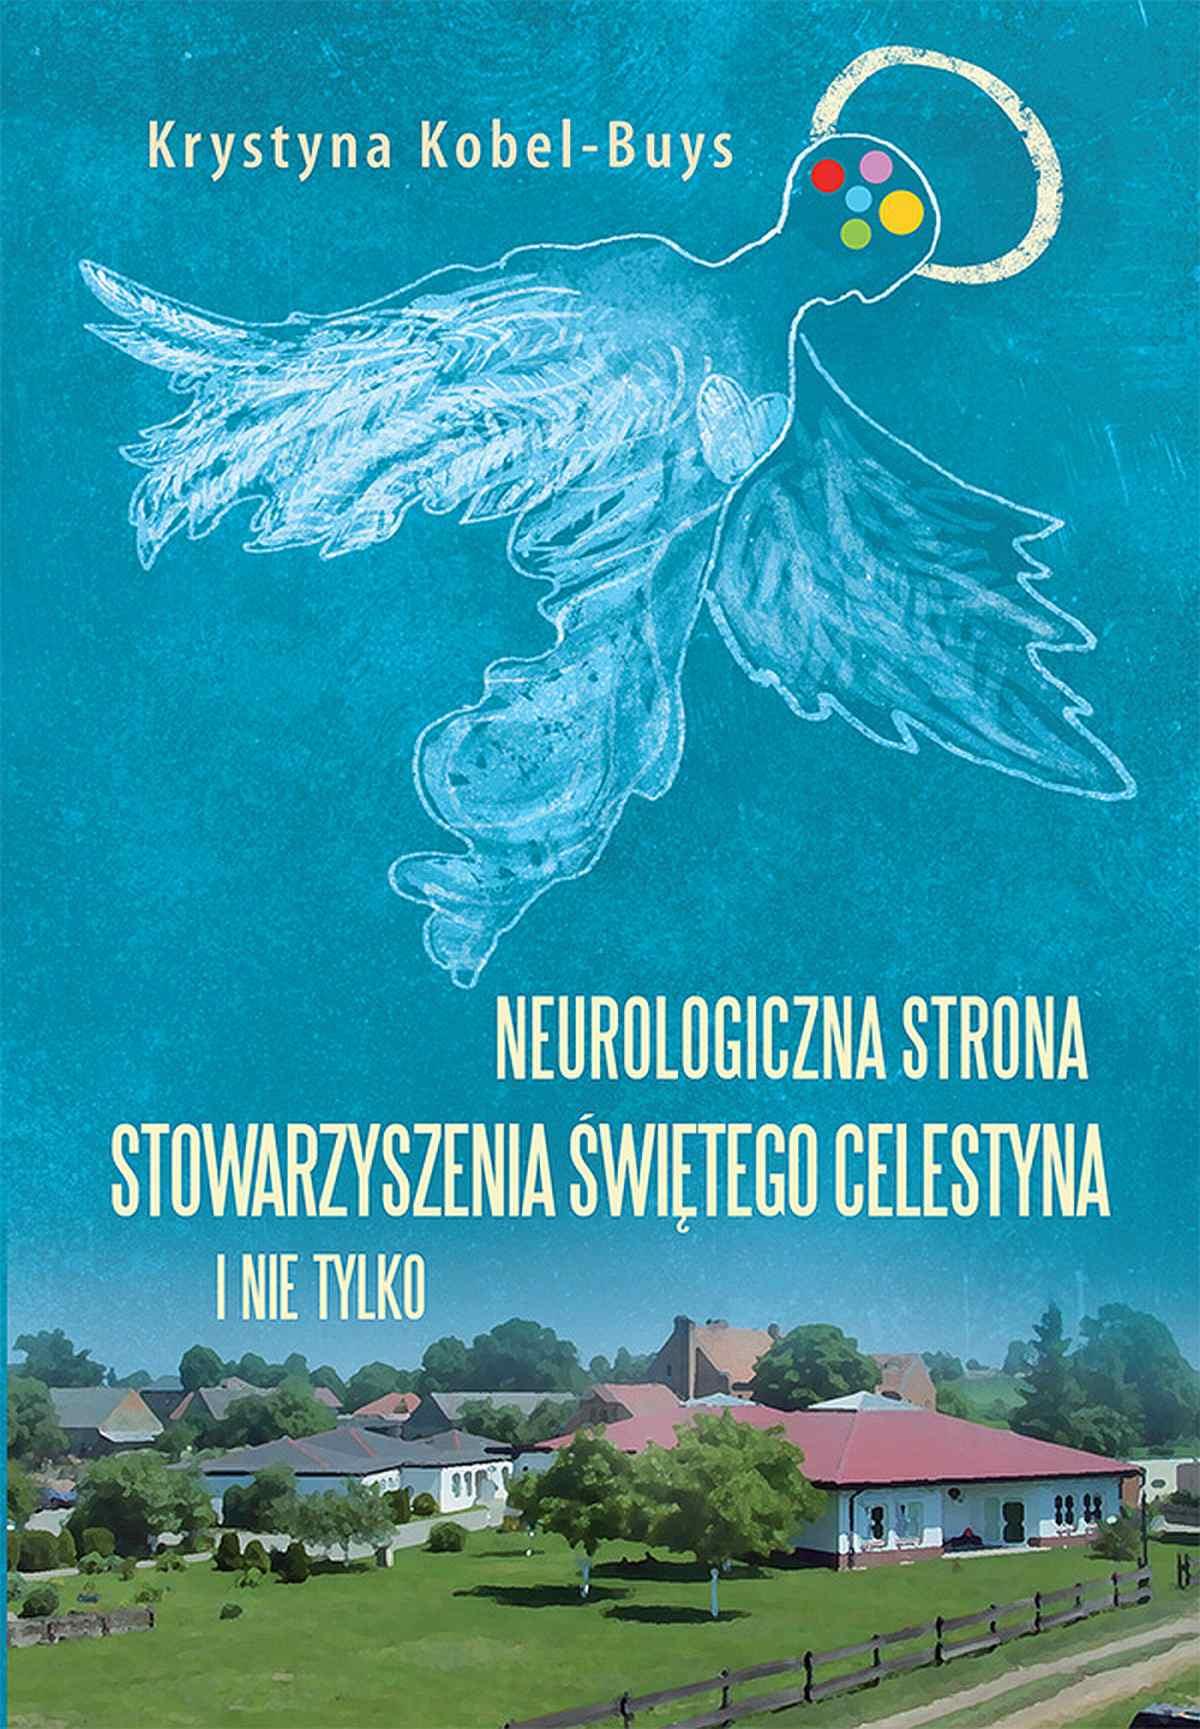 Neurologiczna strona Stowarzyszenia Świętego Celestyna i nie tylko - Ebook (Książka EPUB) do pobrania w formacie EPUB